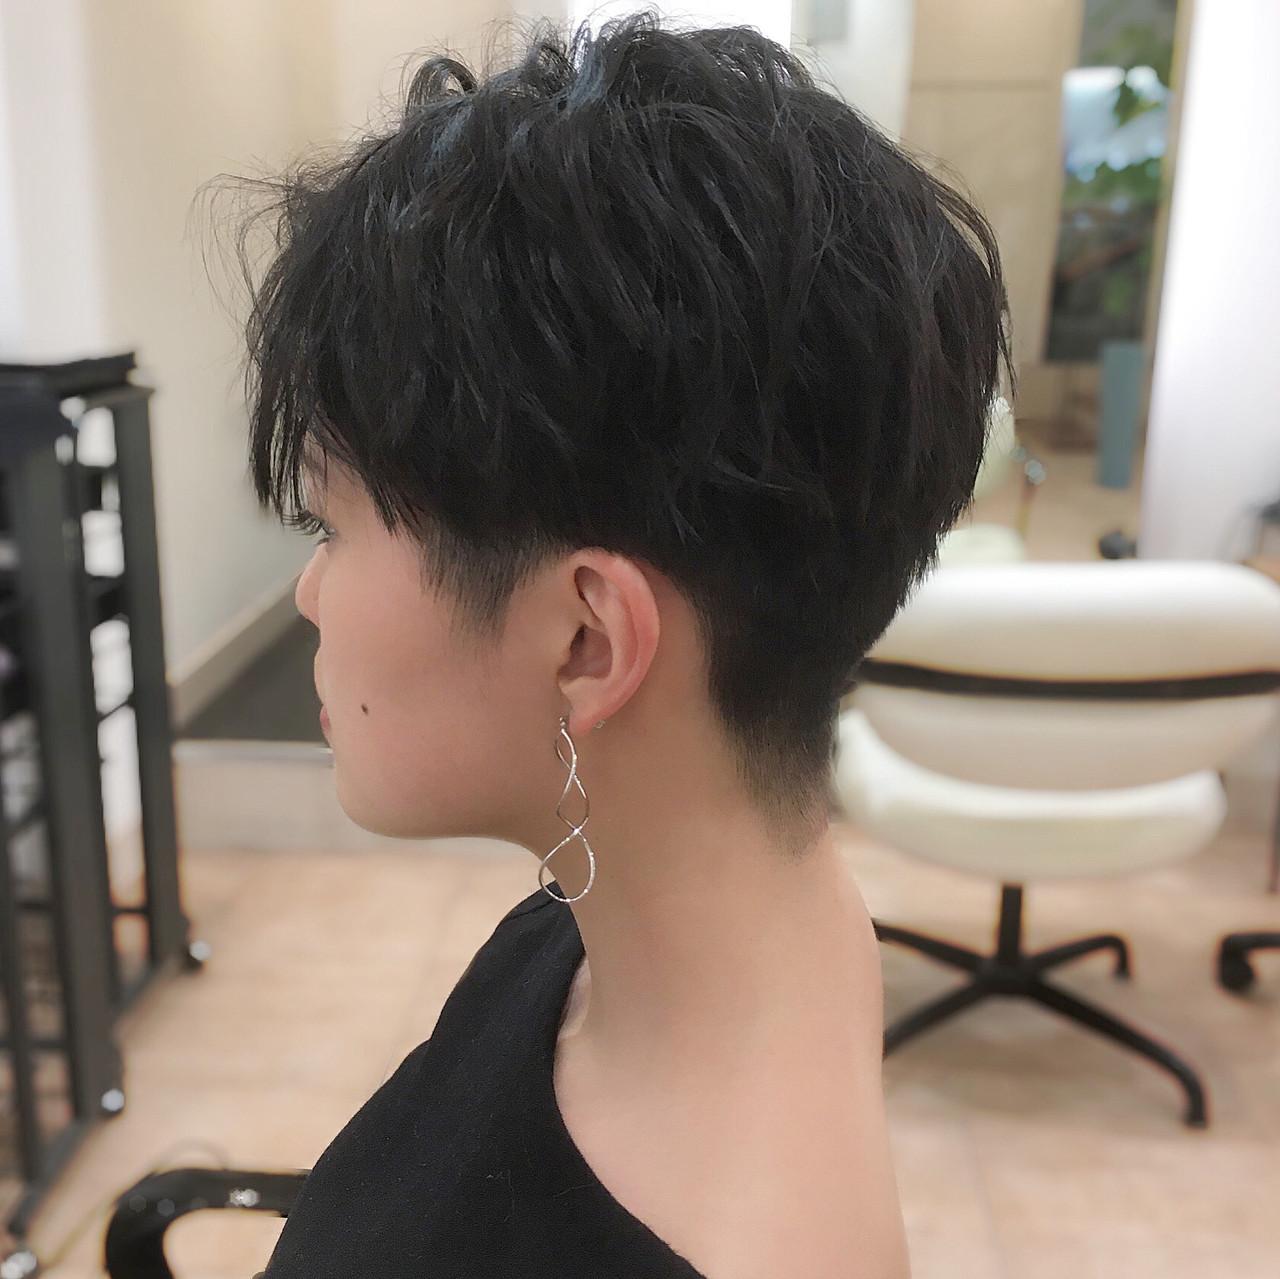 刈り上げ女子 ベリーショート ショートヘア ショート ヘアスタイルや髪型の写真・画像 | 平本 詠一 / fabris